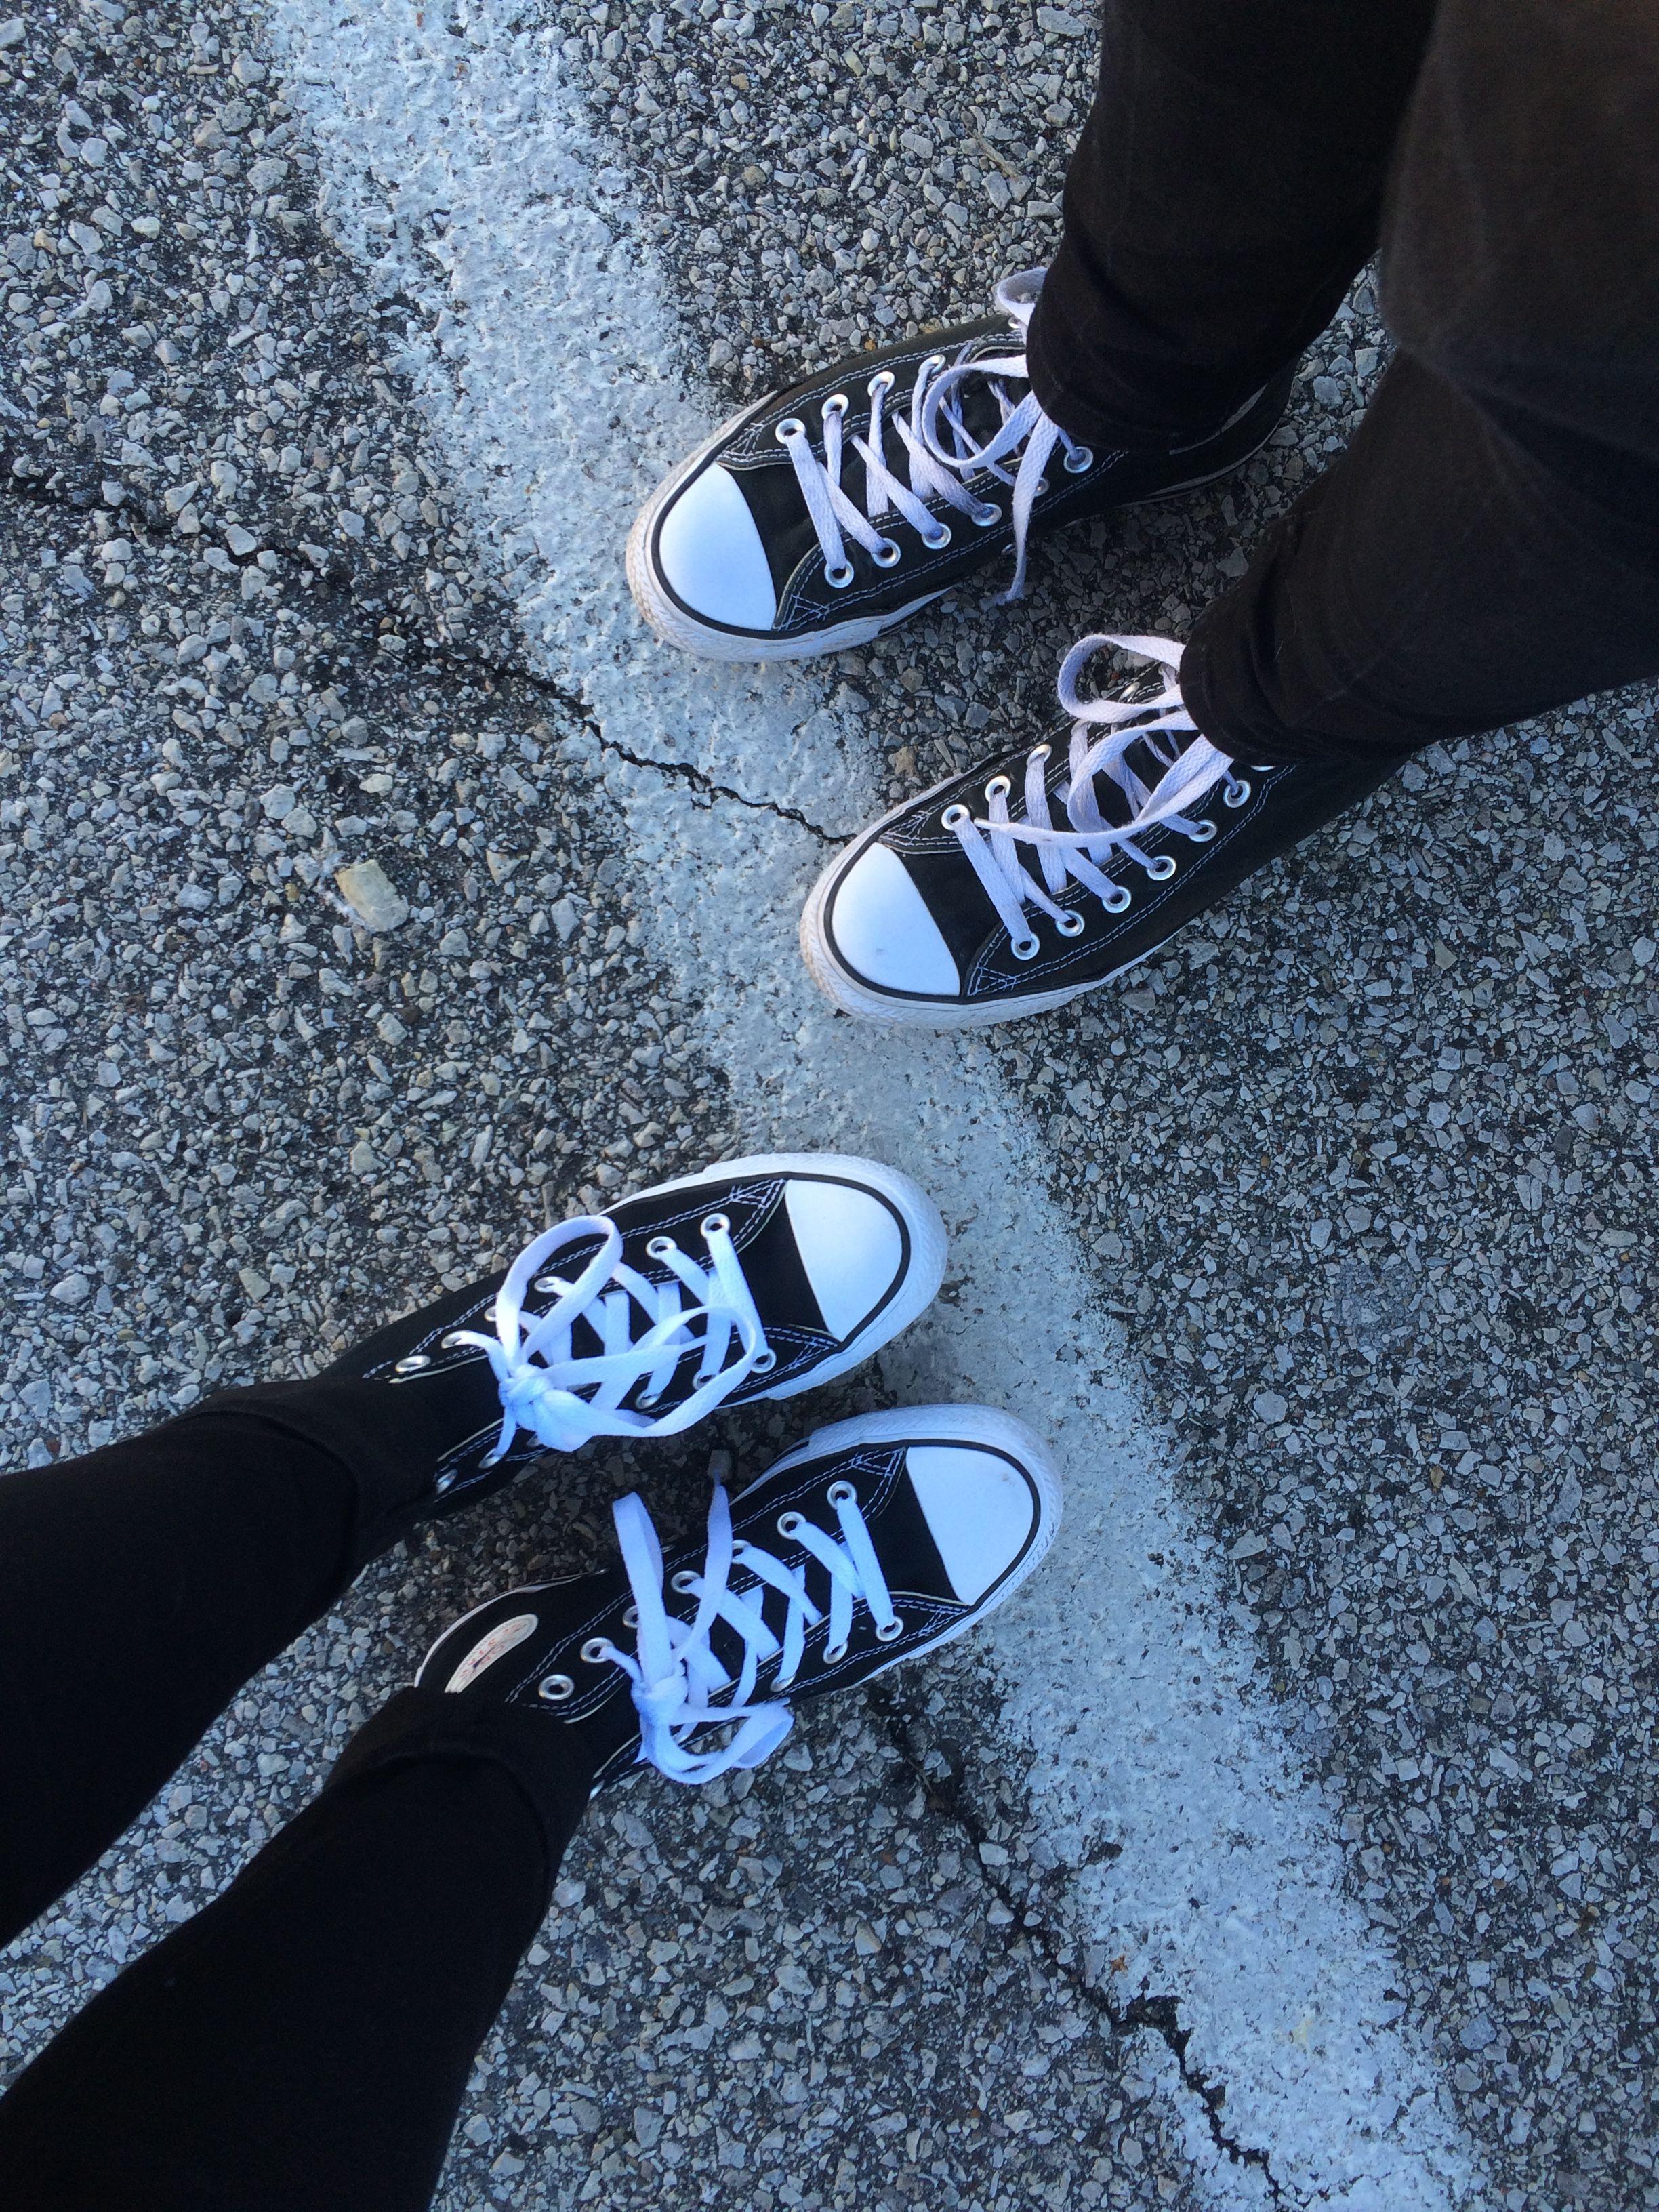 Tim Converse Sepatu Converse Fotografi Hitam Putih Fotografi